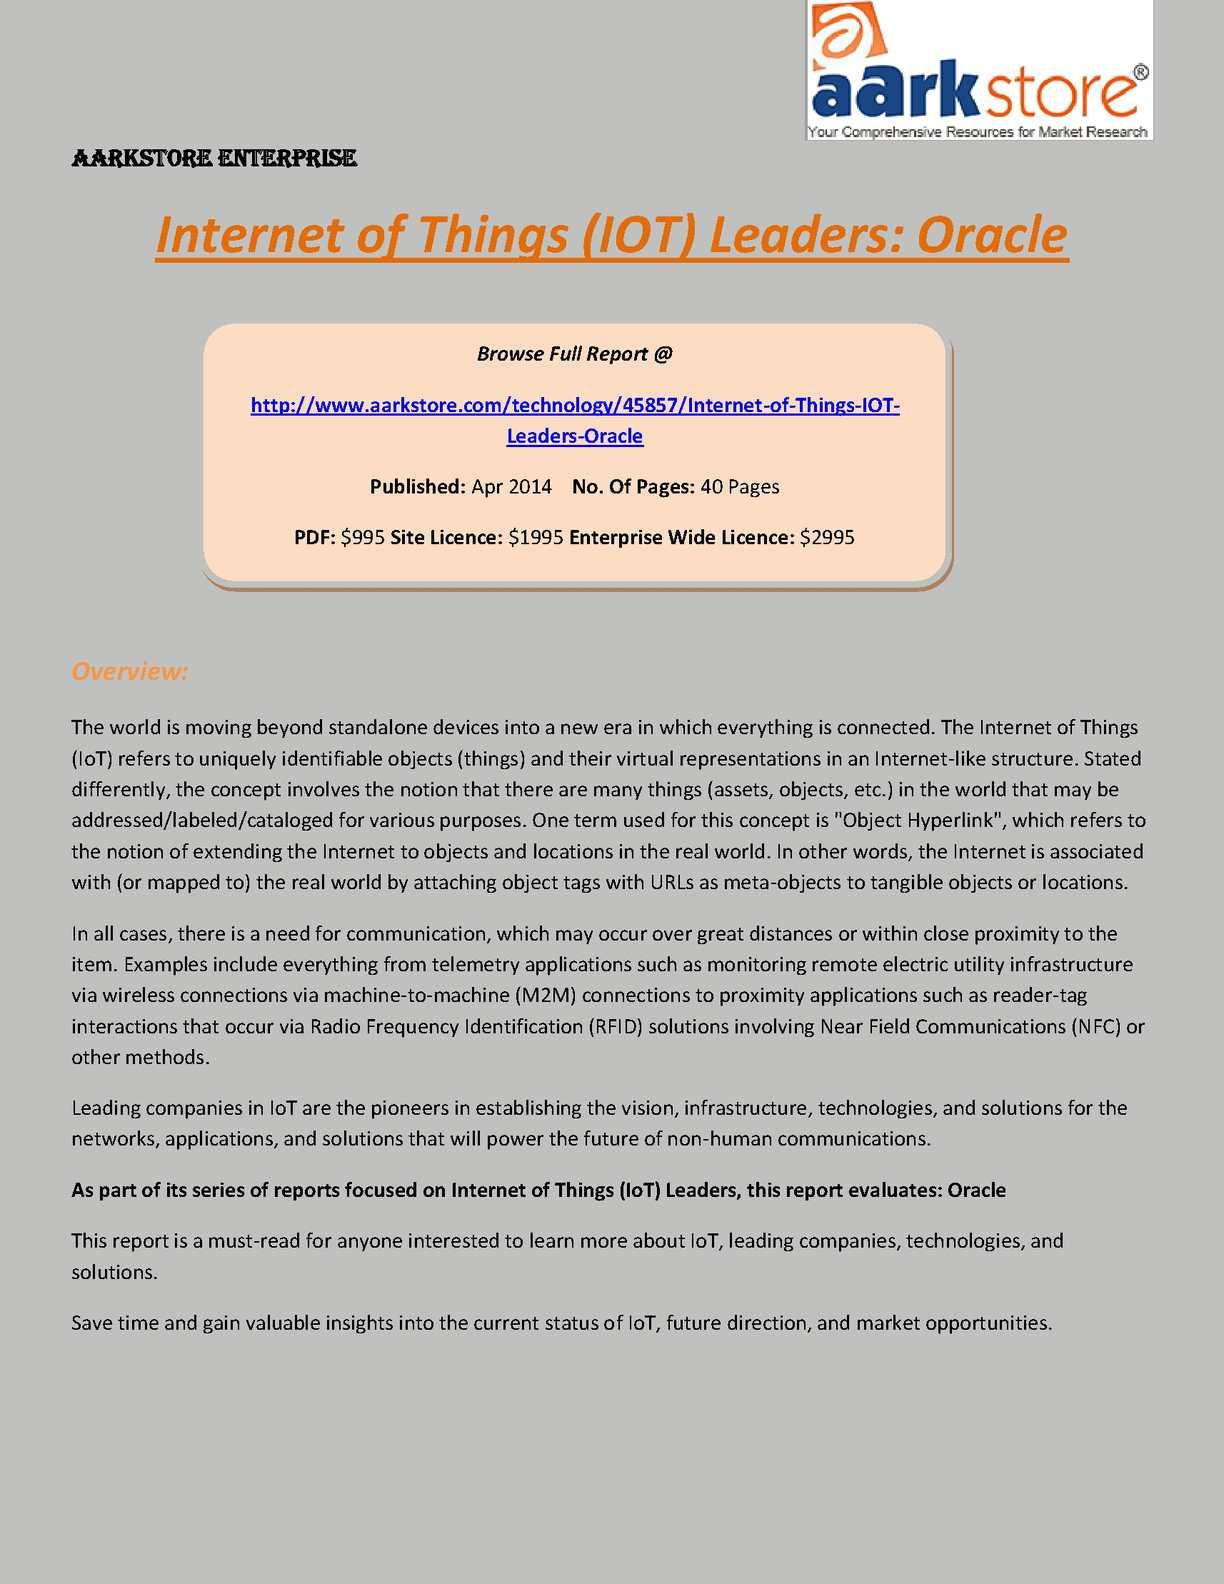 Calaméo - Aarkstore: Internet of Things (IOT) Leaders: Oracle